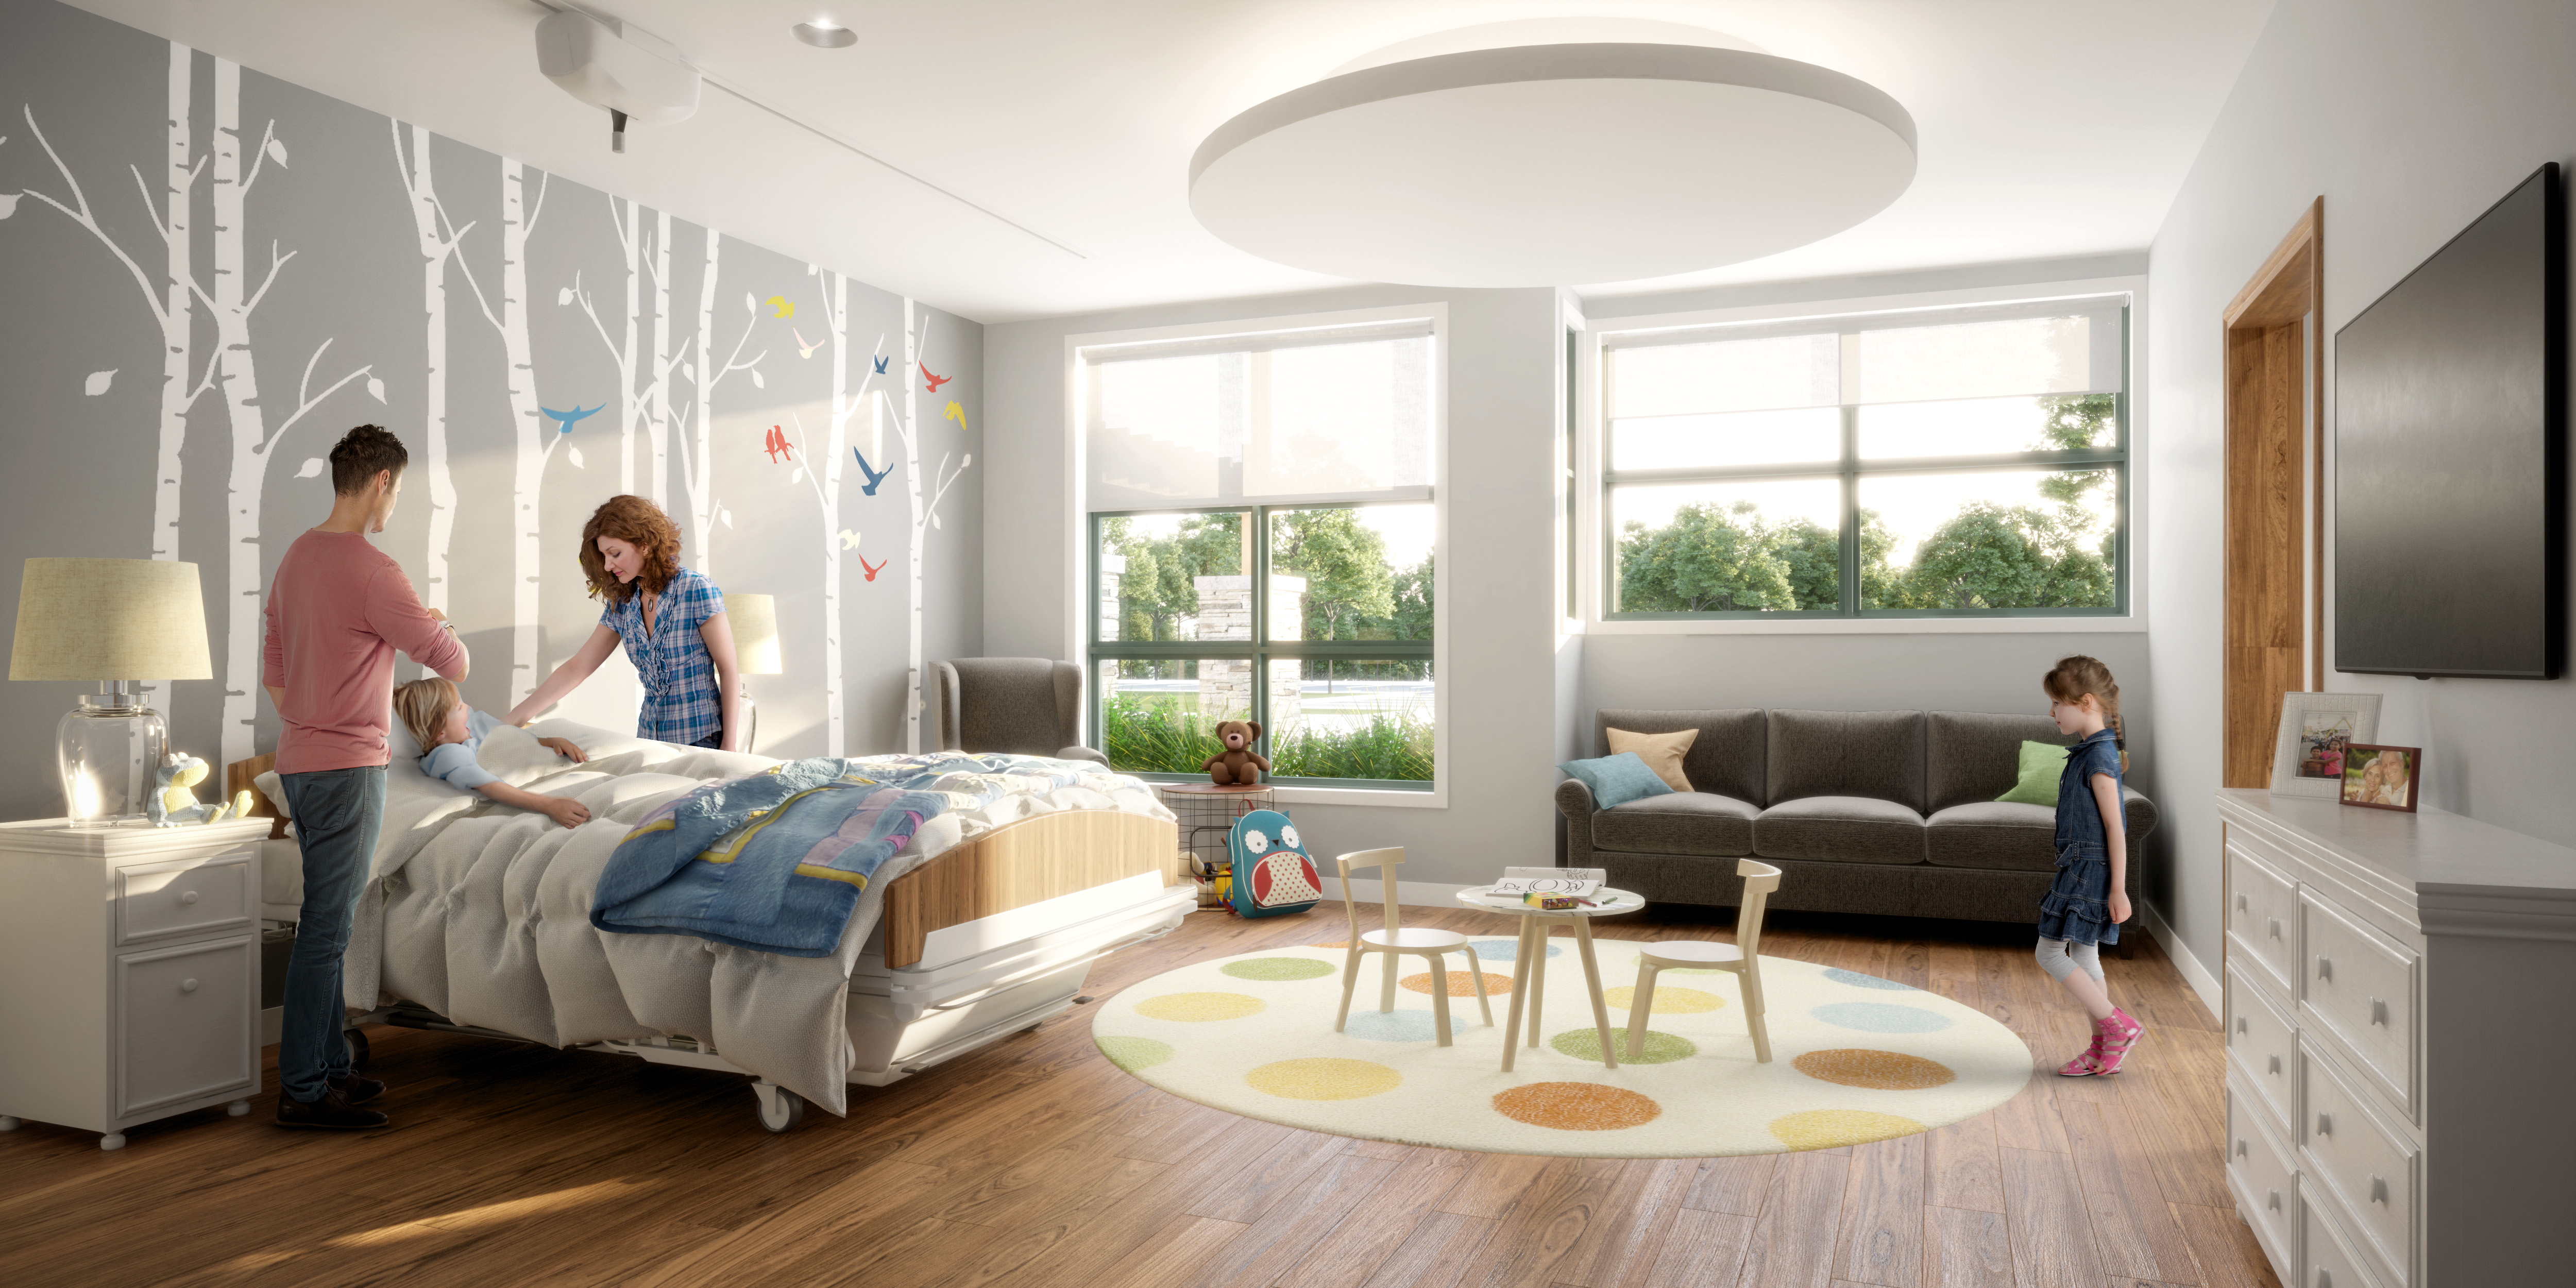 Paediatric Suite